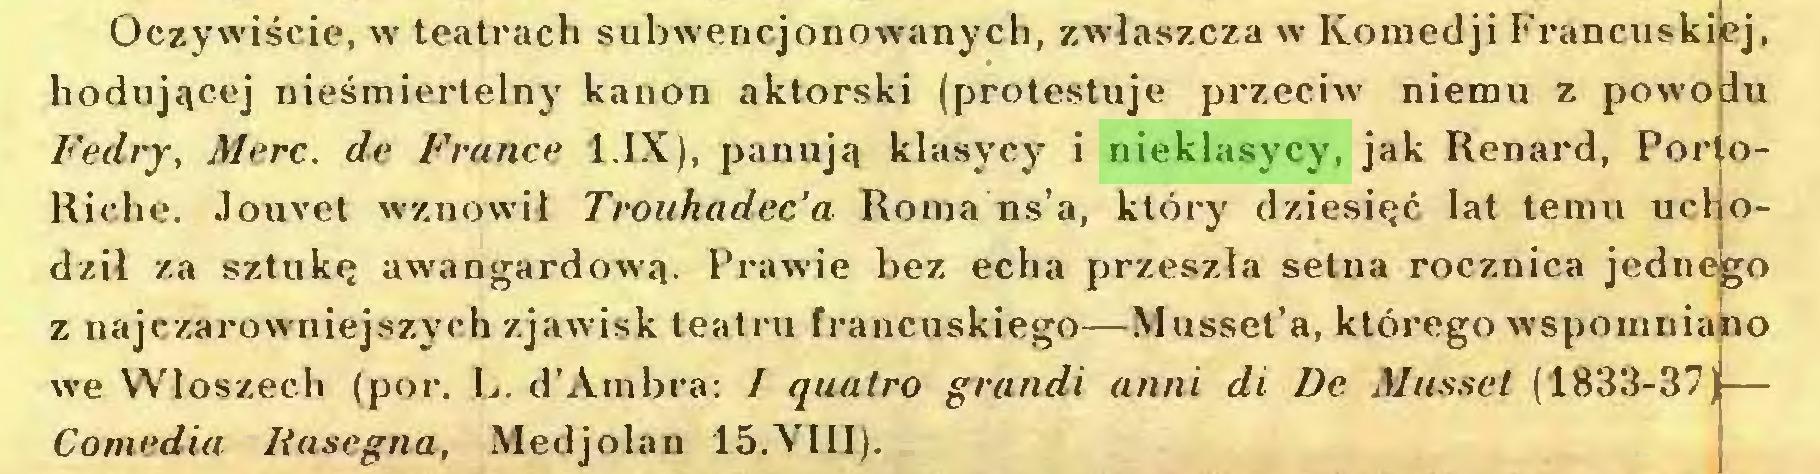 (...) Oczywiście, w teatrach subwencjonowanych, zwłaszcza w Komedji Francuskiej, hodującej nieśmiertelny kanon aktorski (protestuje przeciw niemu z powodu Fedry, Merc. de France 1.IX), panują klasycy i nieklasycy, jak Renard, PortoRiche. Jouvet wznowił Trouhadec'a Roma ns'a, który dziesięć lat temu uchodził za sztukę awangardową. Prawie bez echa przeszła setna rocznica jednego z najczarowniejszych zjawisk teatru francuskiego—Musset'a, którego wspomniano we Włoszech (por. L. d'Ambra: I quatro grandi anni di De Musset (1833-37)— Comedia Rasegna, Medjolan 15.VIII)...